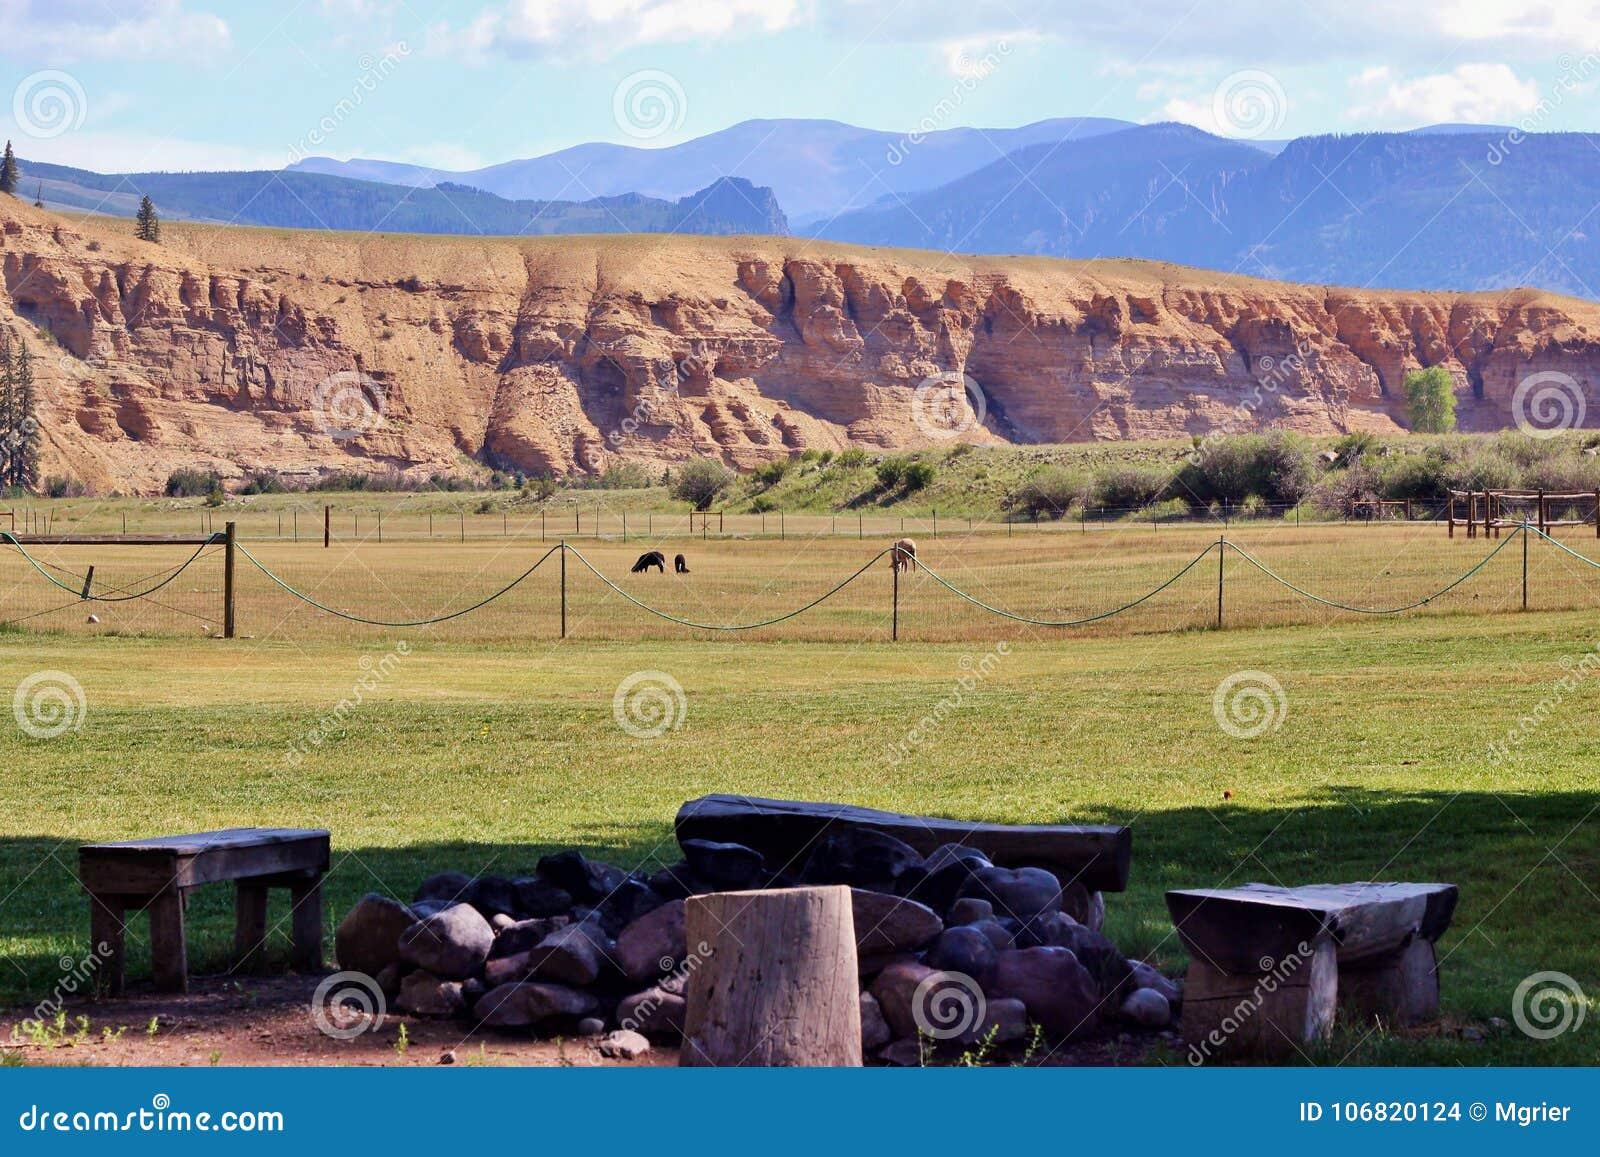 Rio Grande Valley Ranch